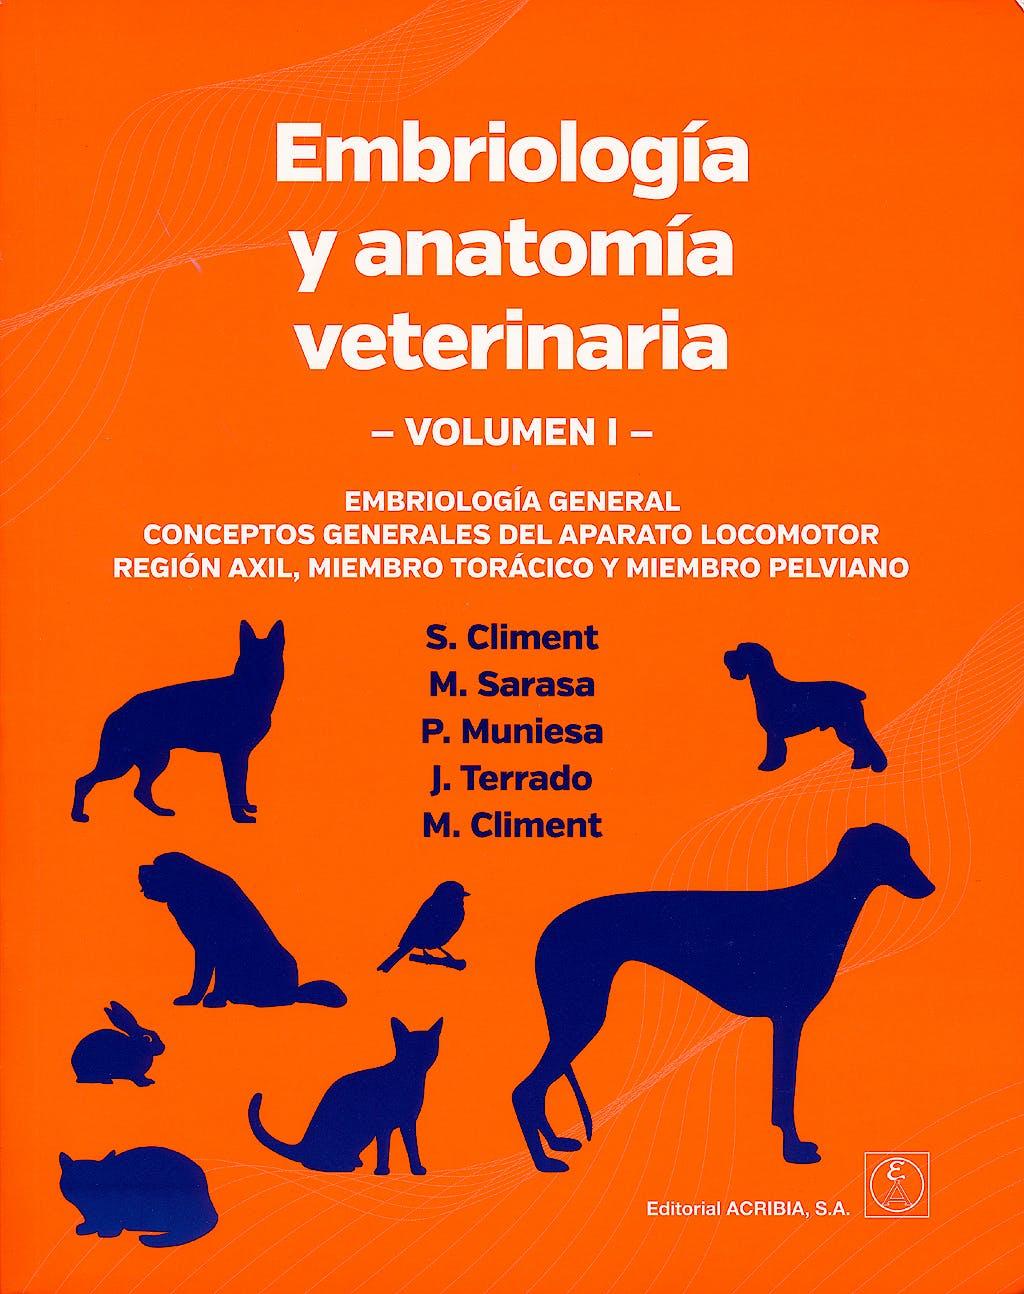 Portada del libro 9788420011646 Embriología y Anatomía Veterinaria, Vol. 1: Embriologia Gral., Concepto Gral. del Aparato Locomotor, Region Axil, Miembro Torácico y Miembro Pelviano